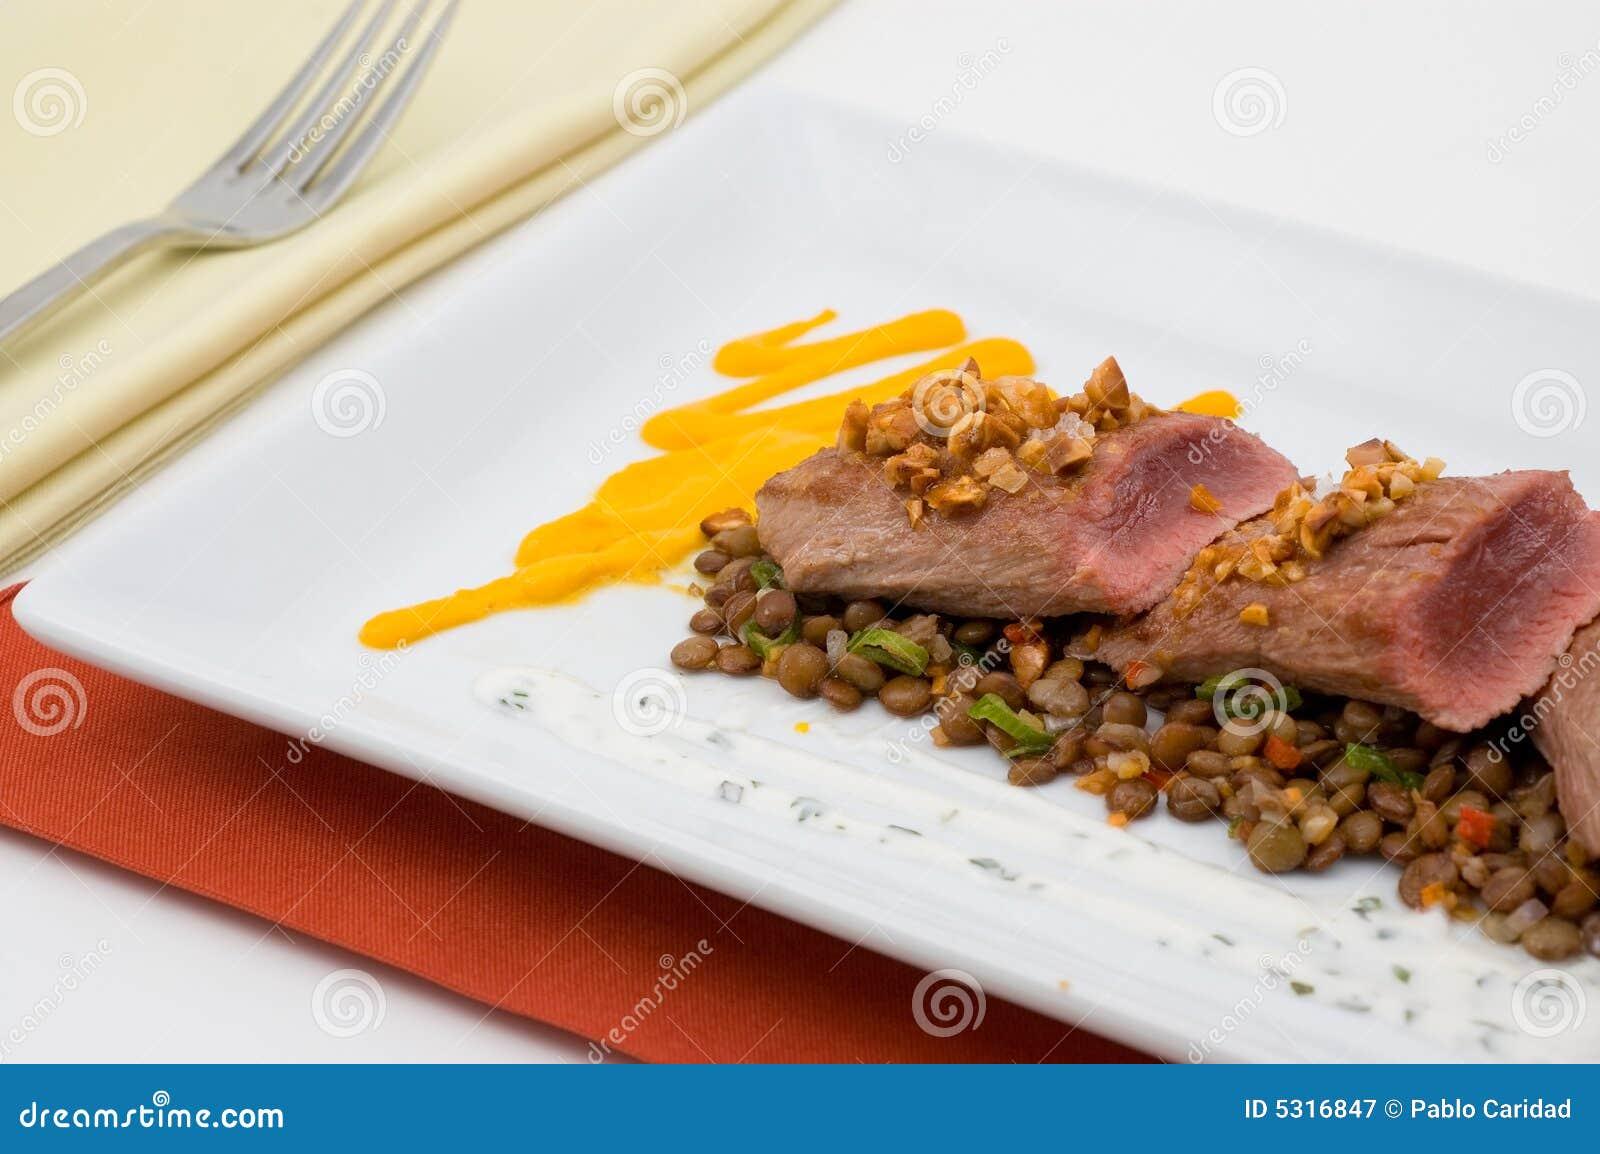 Download Alimento Gastronomico Isolato. Immagine Stock - Immagine di carne, rinforzi: 5316847